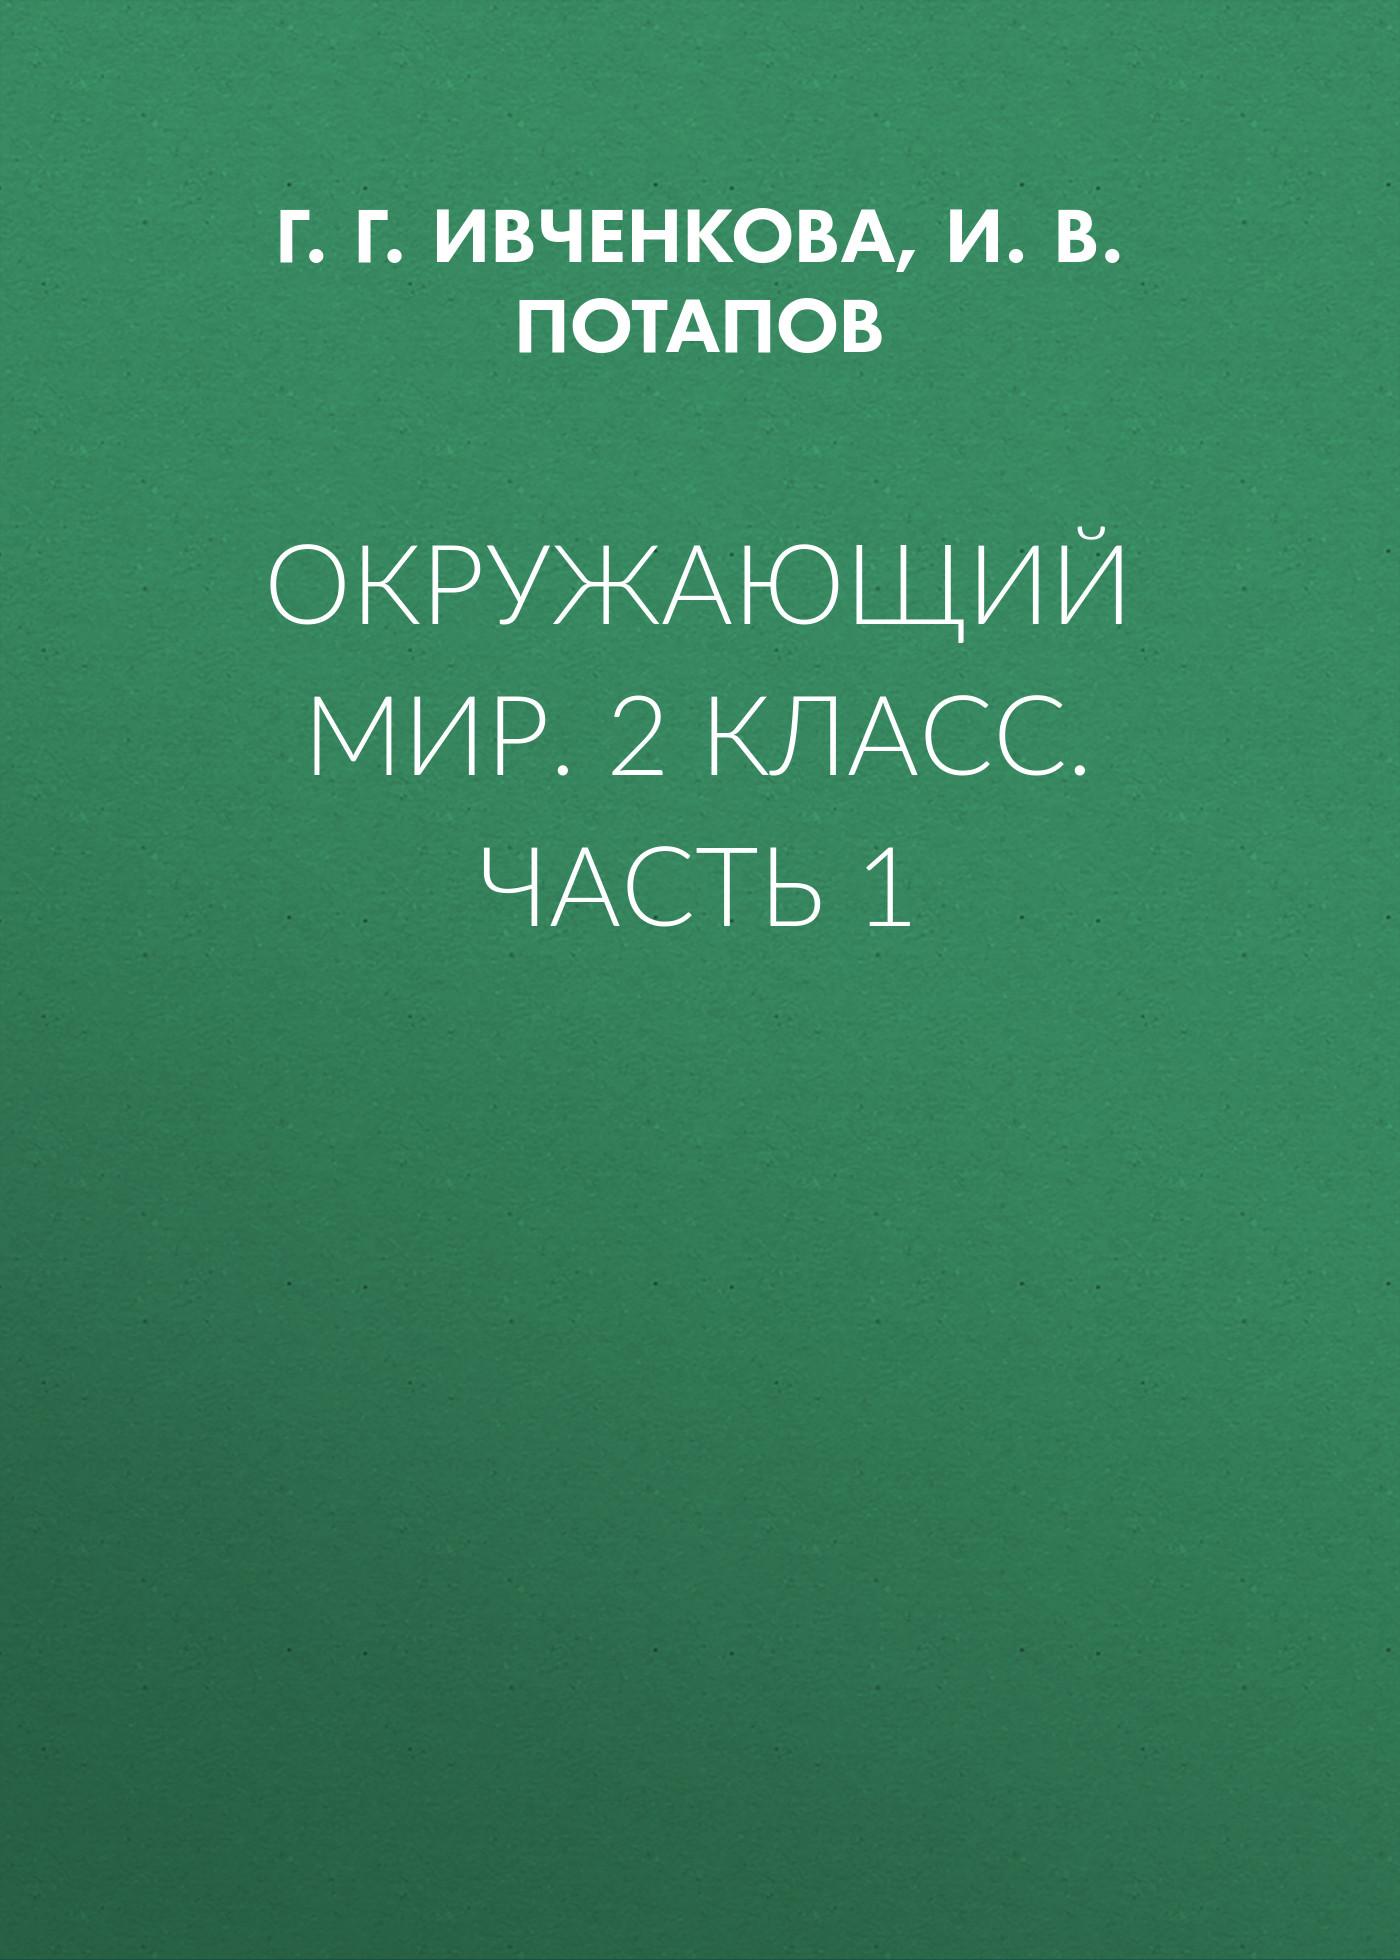 Г. Г. Ивченкова Окружающий мир. 2 класс. Часть 1